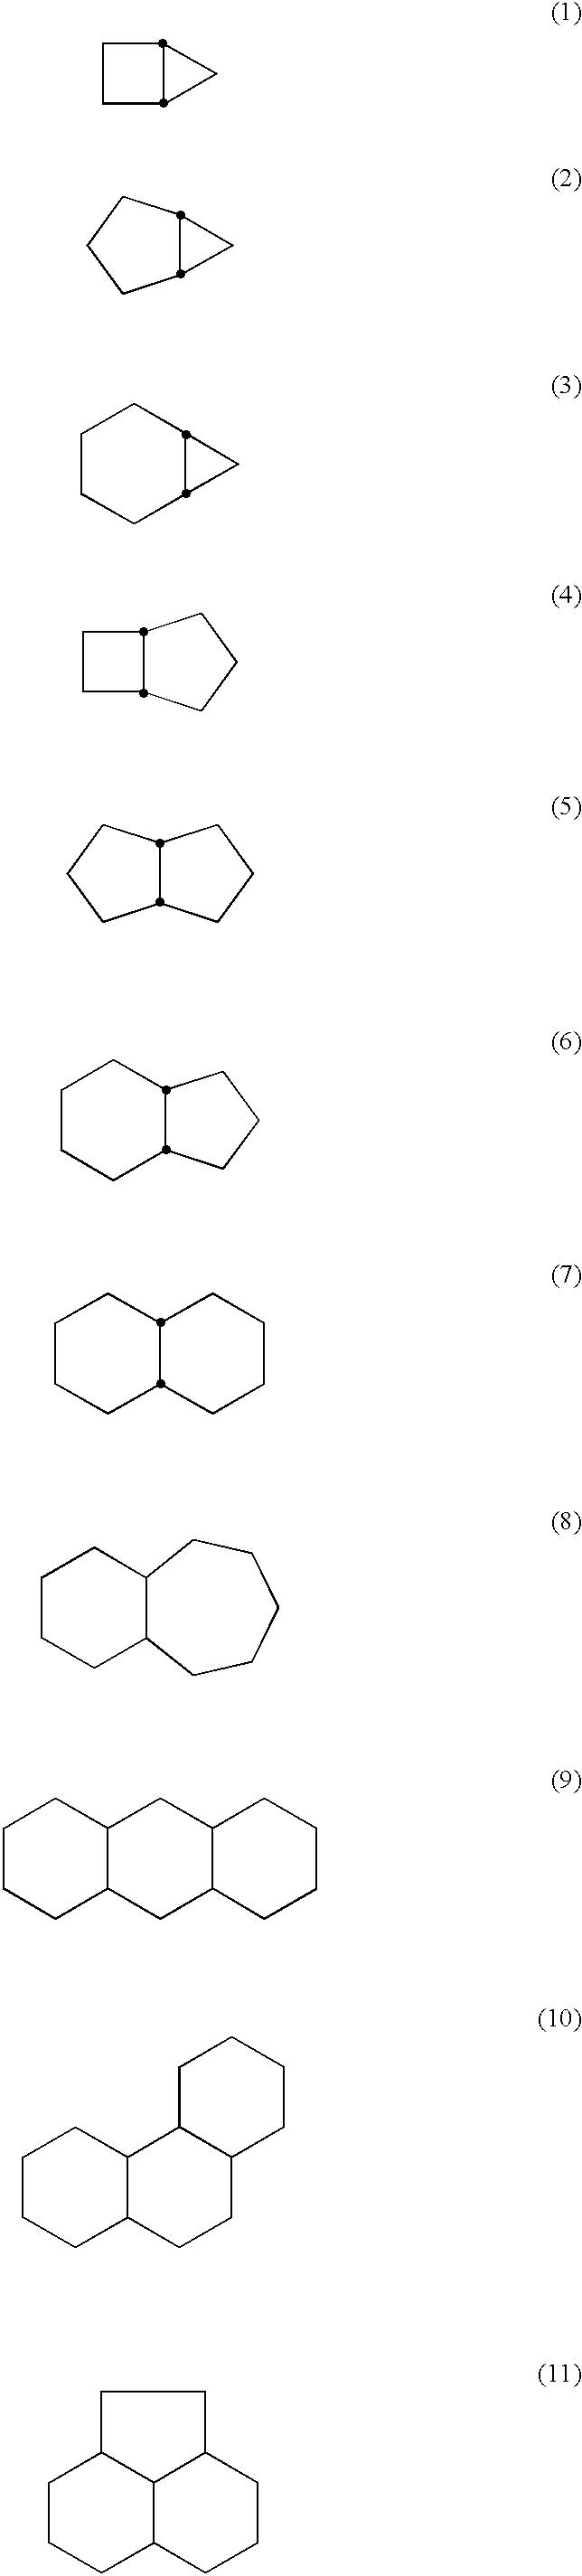 Figure US06596458-20030722-C00025